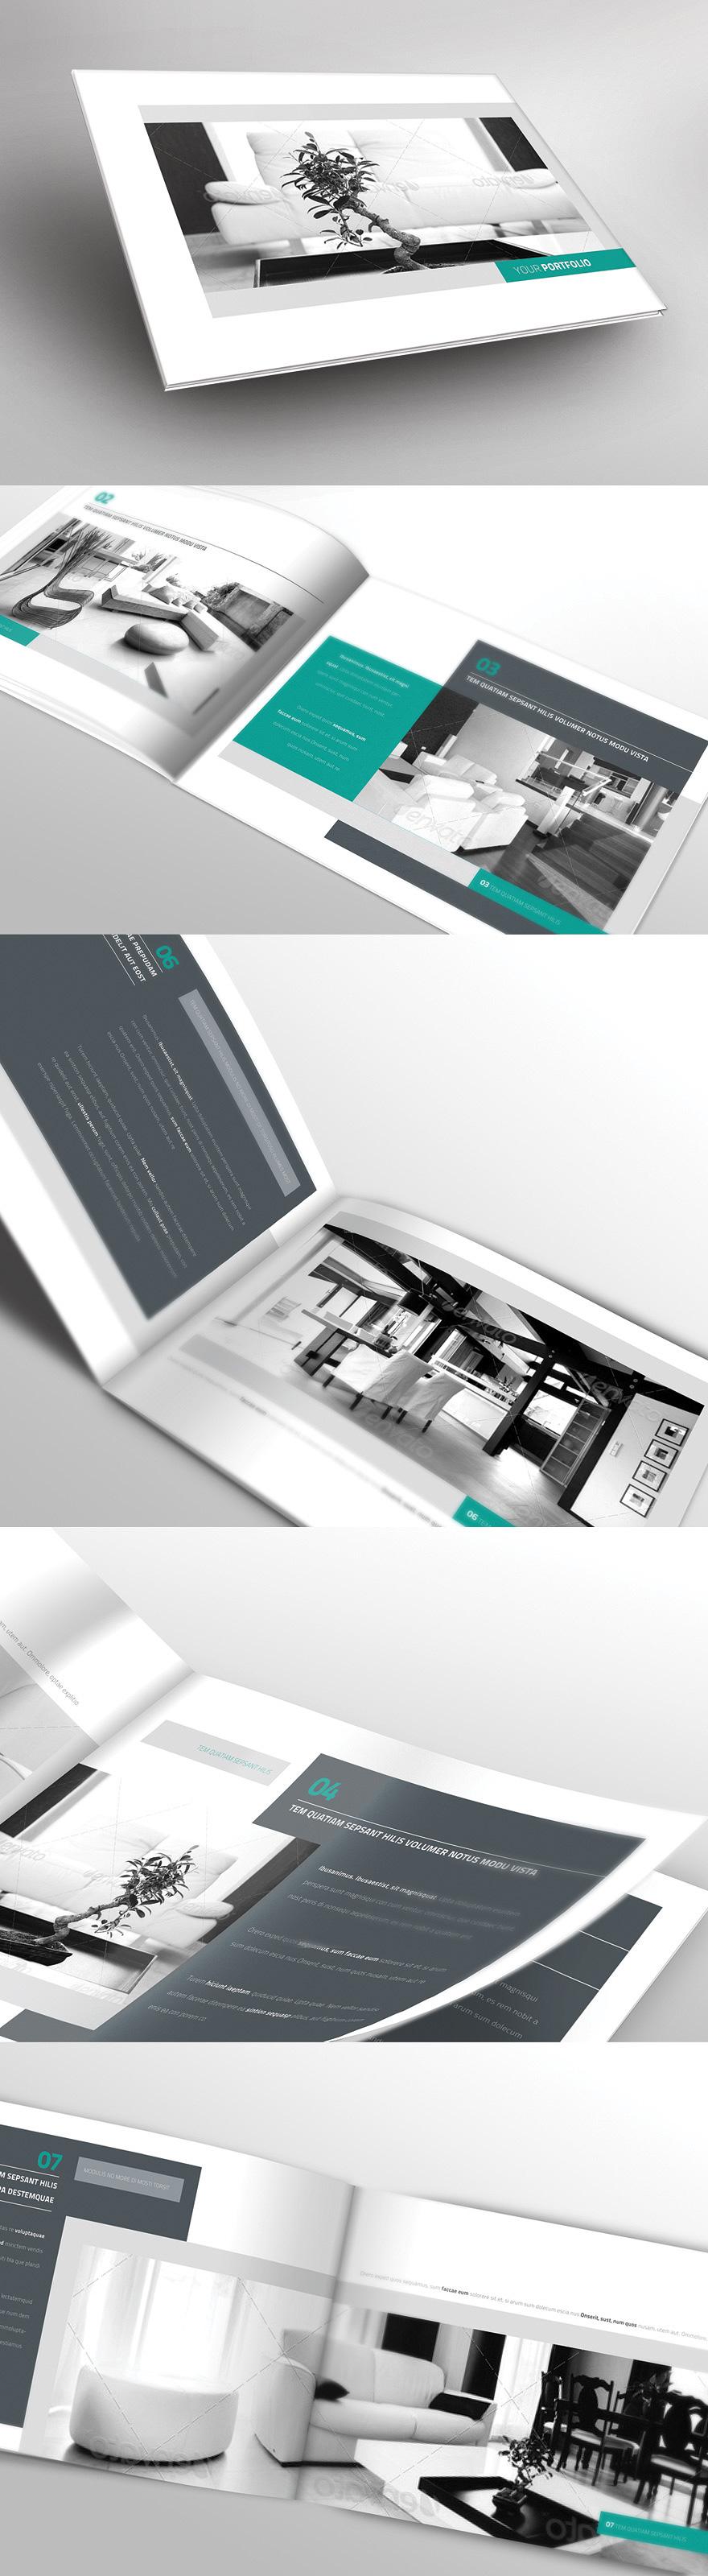 portfolio brochure   web design